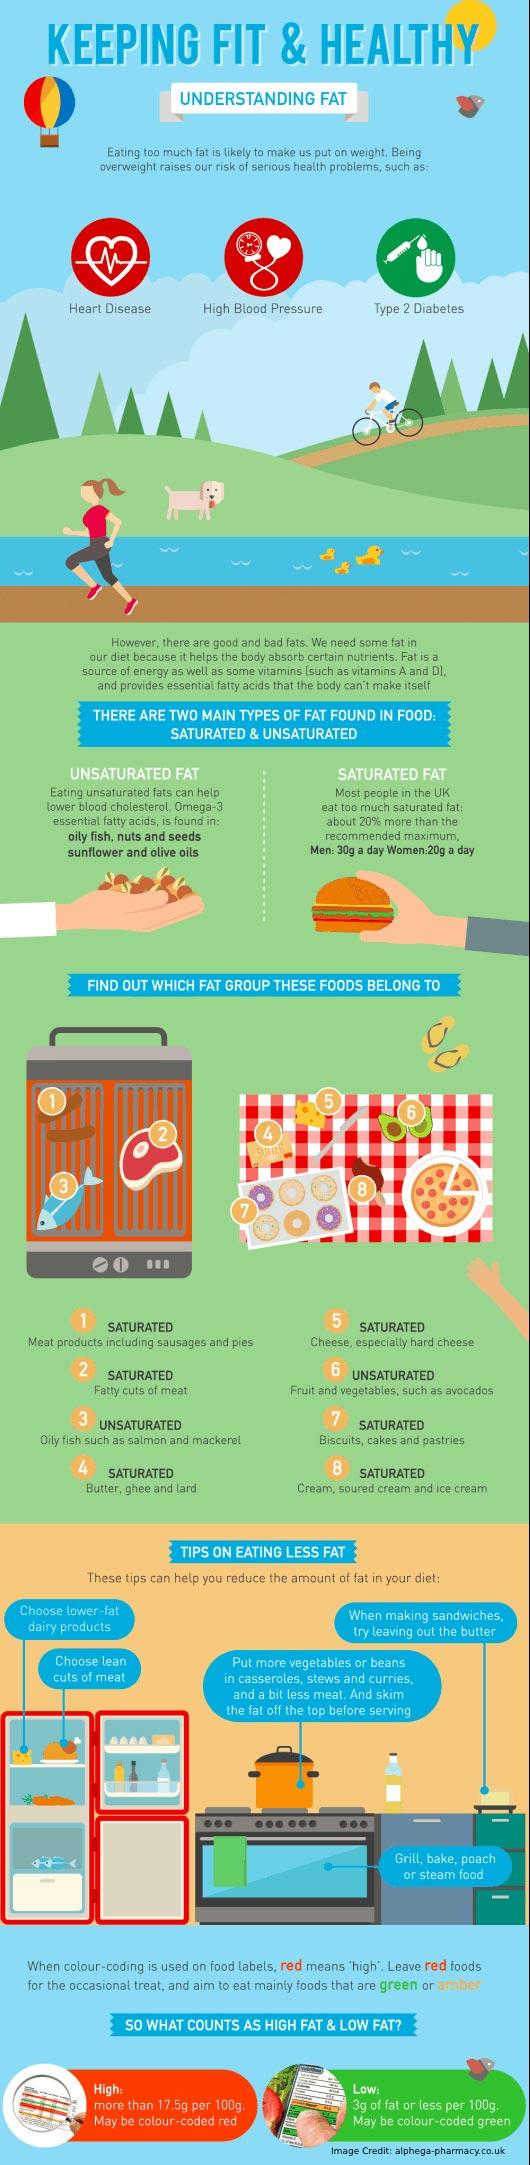 Understanding Fat Info